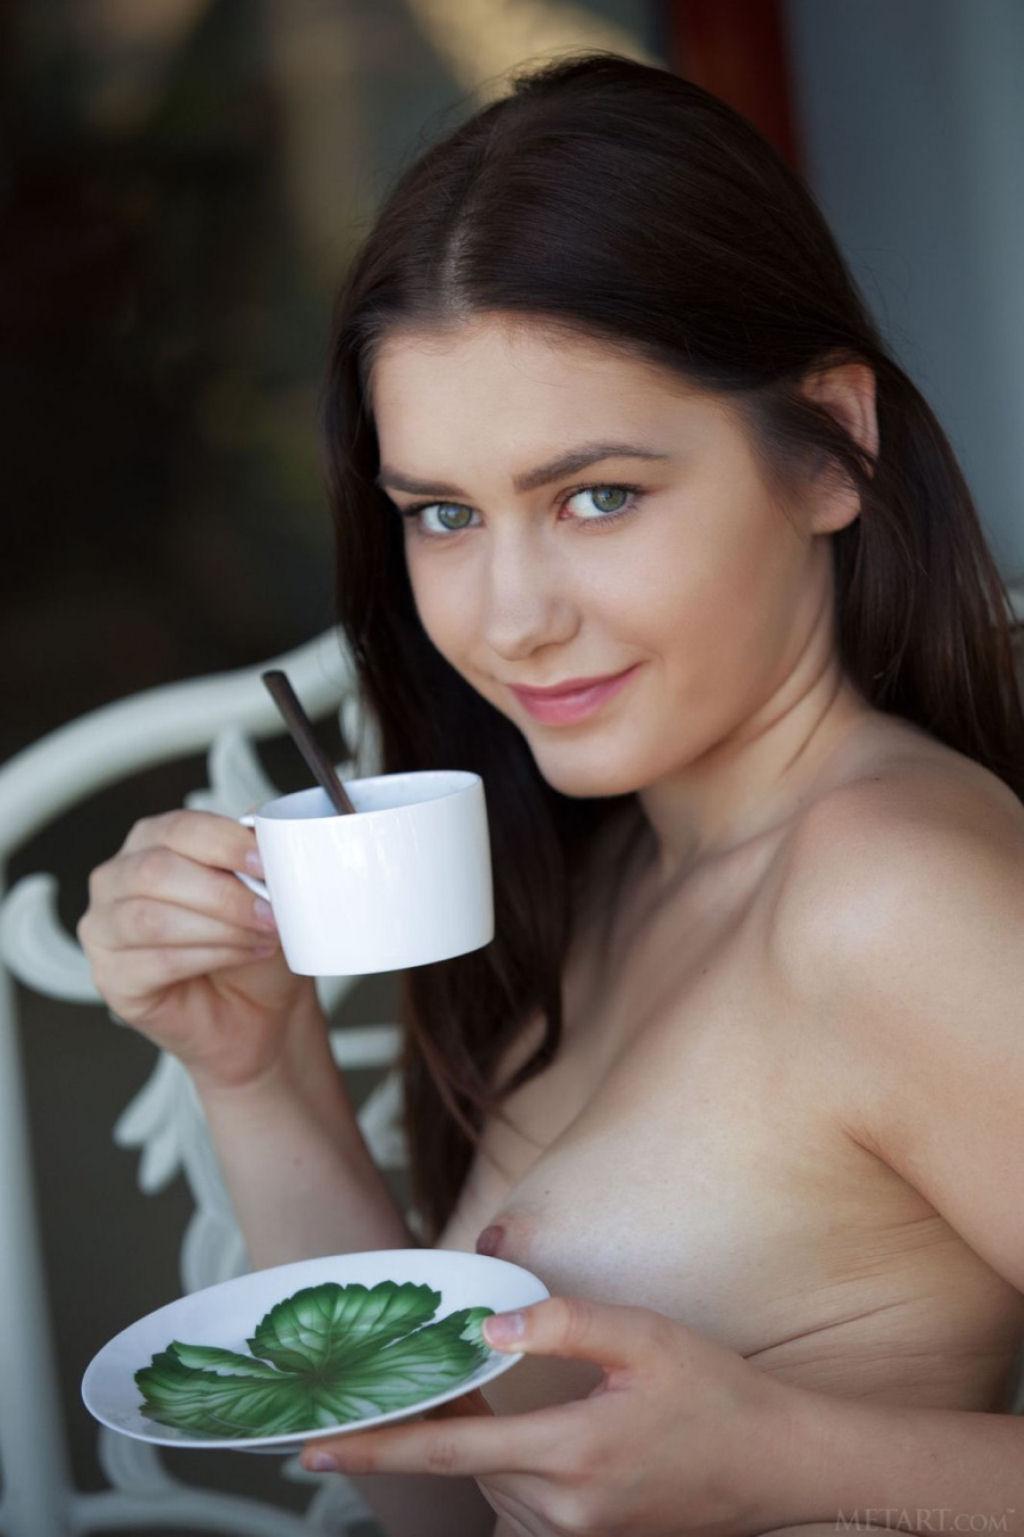 Kacy e o cappuccino 09